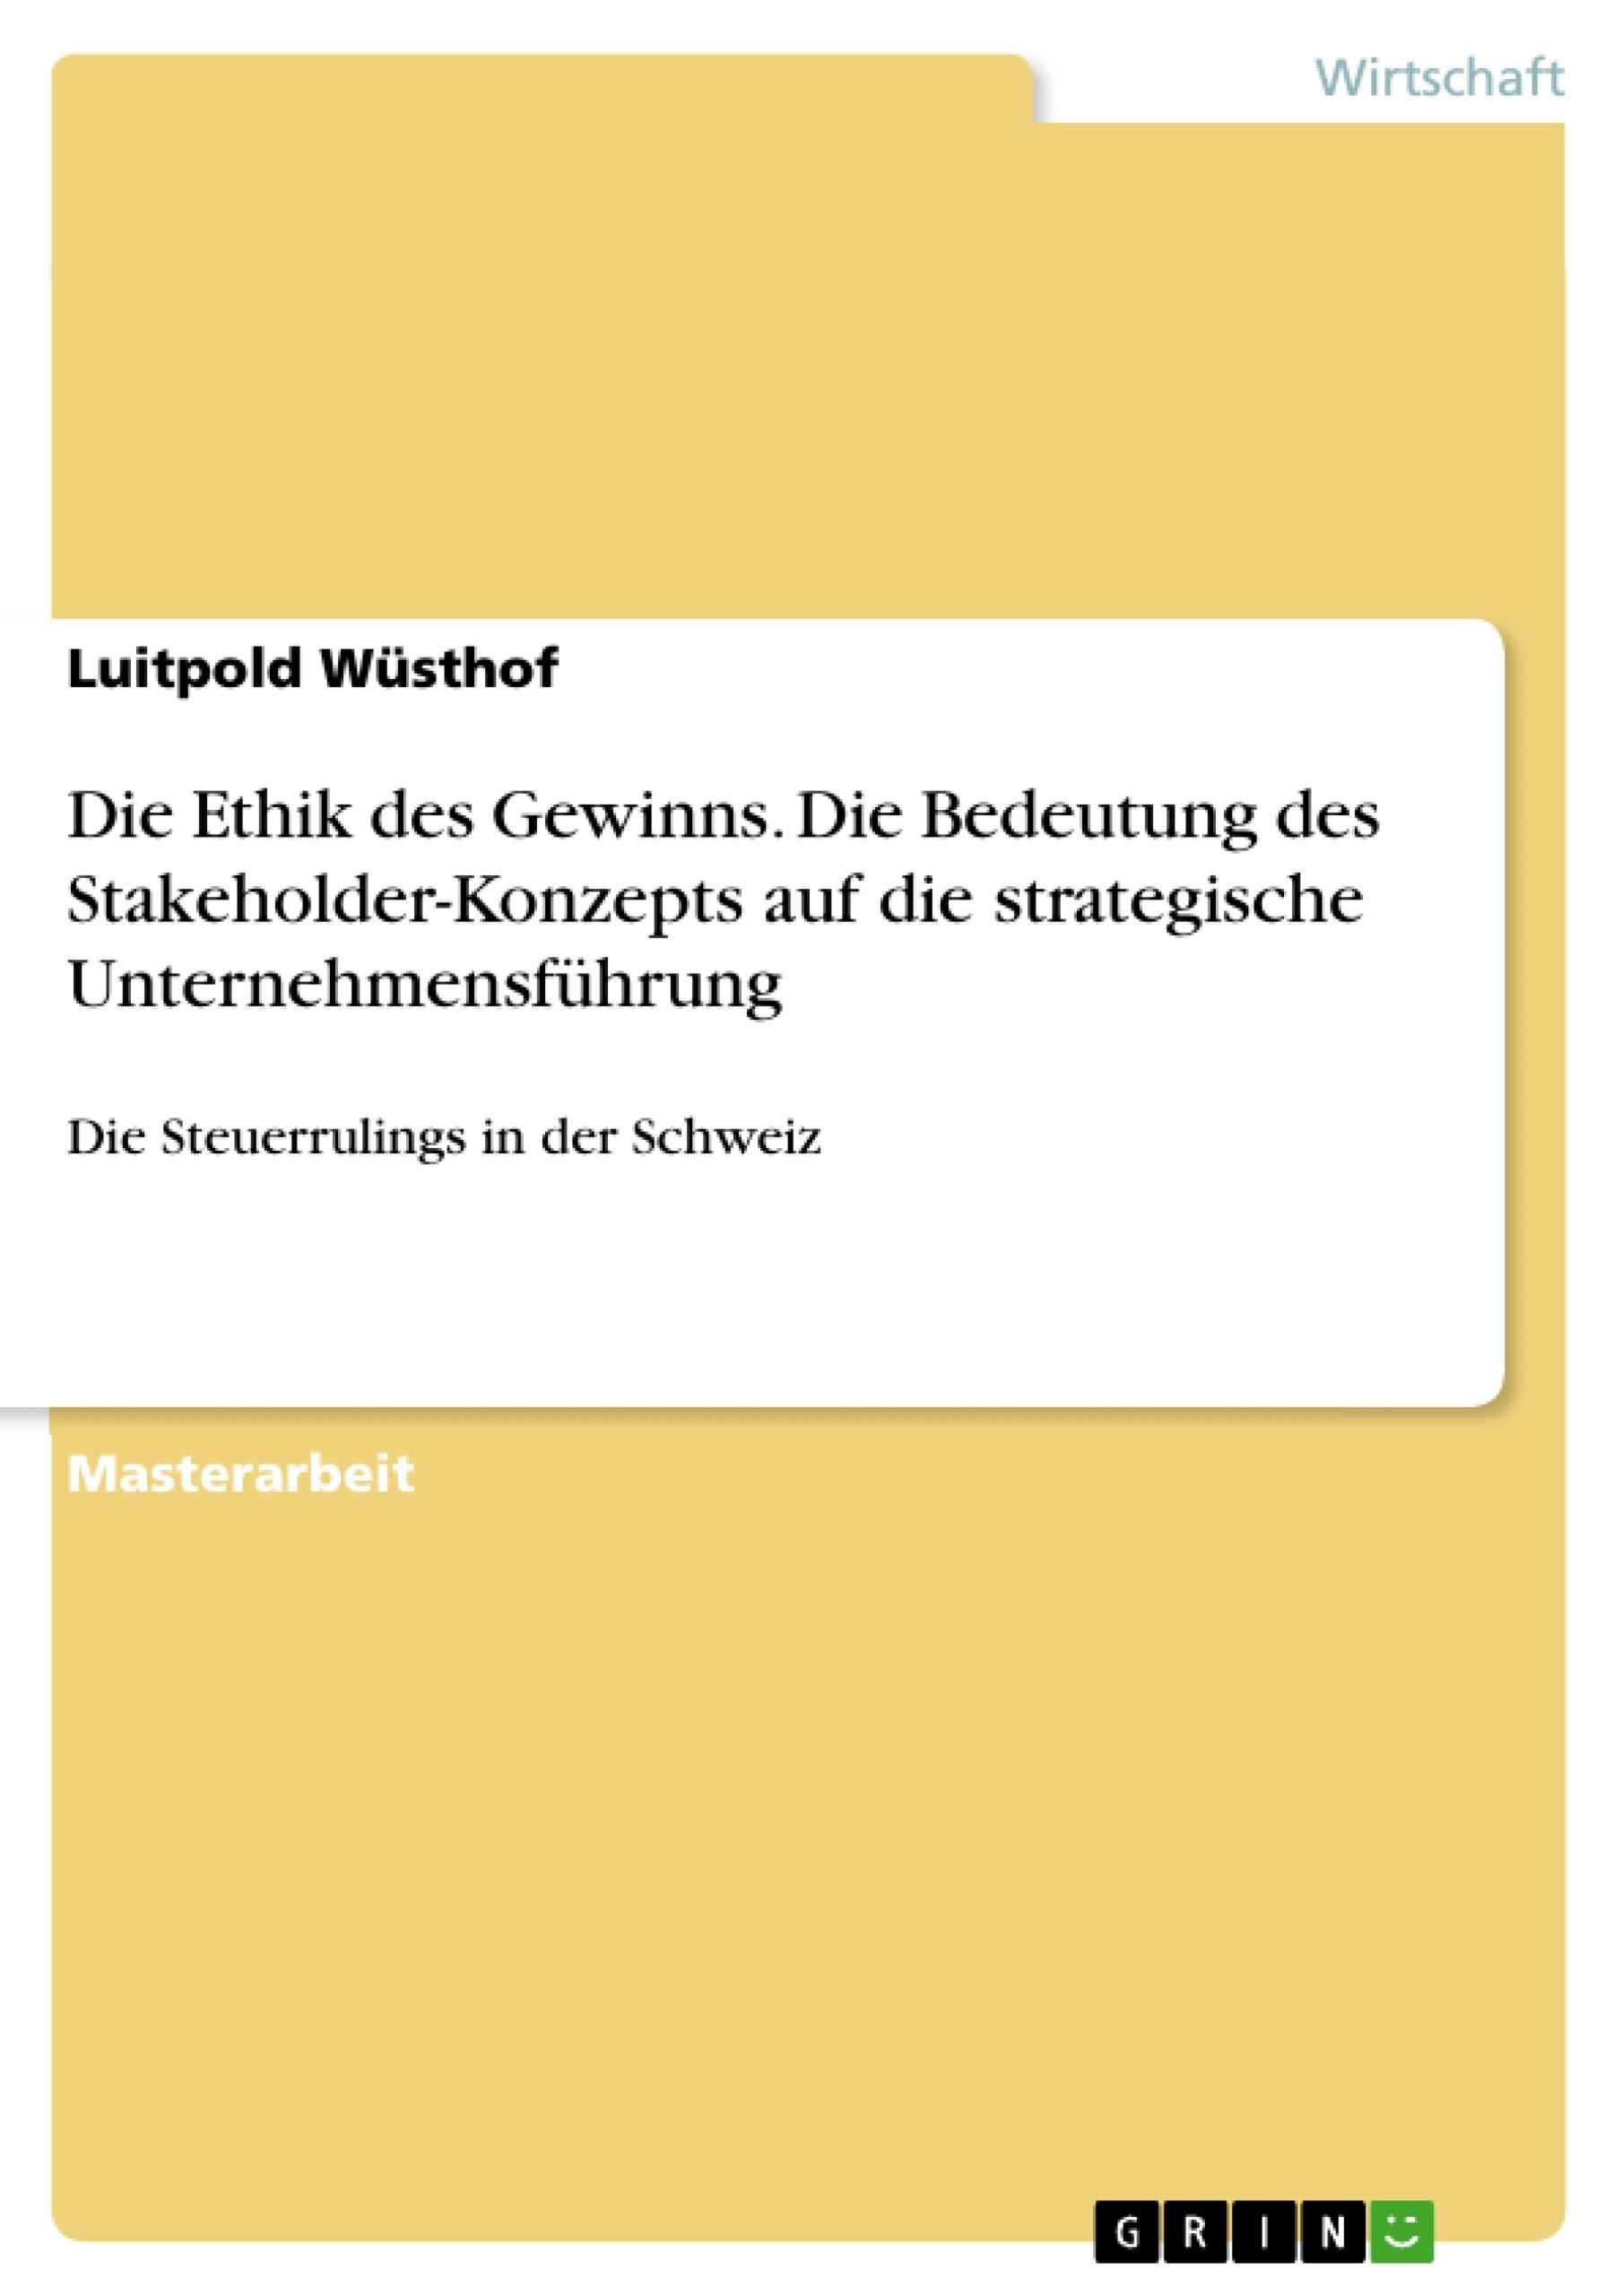 Titel: Die Ethik des Gewinns. Die Bedeutung des Stakeholder-Konzepts auf die strategische Unternehmensführung